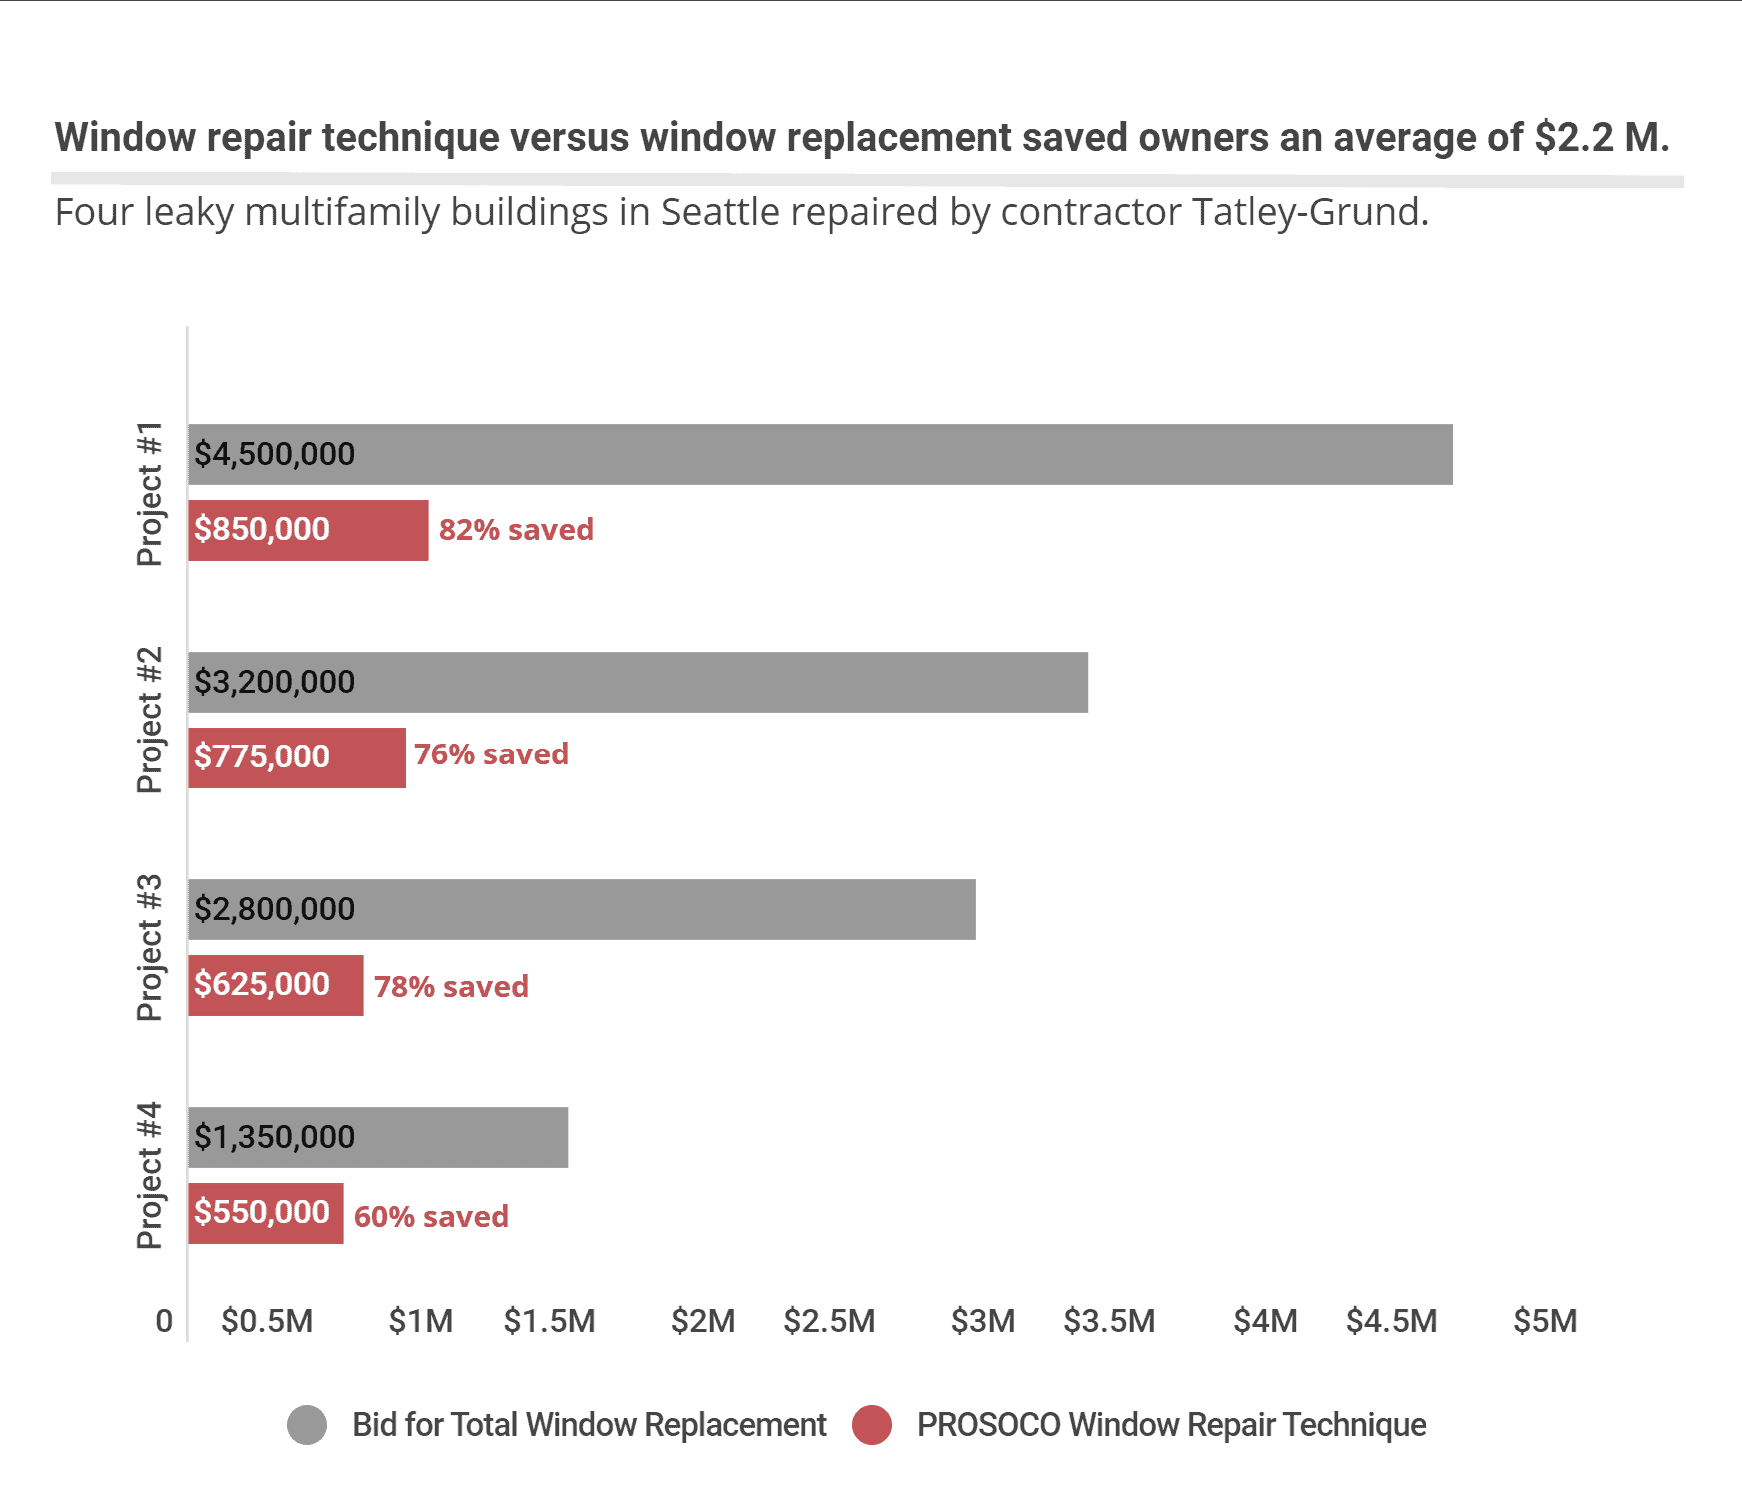 Window repair versus replacement costs in Seattle.